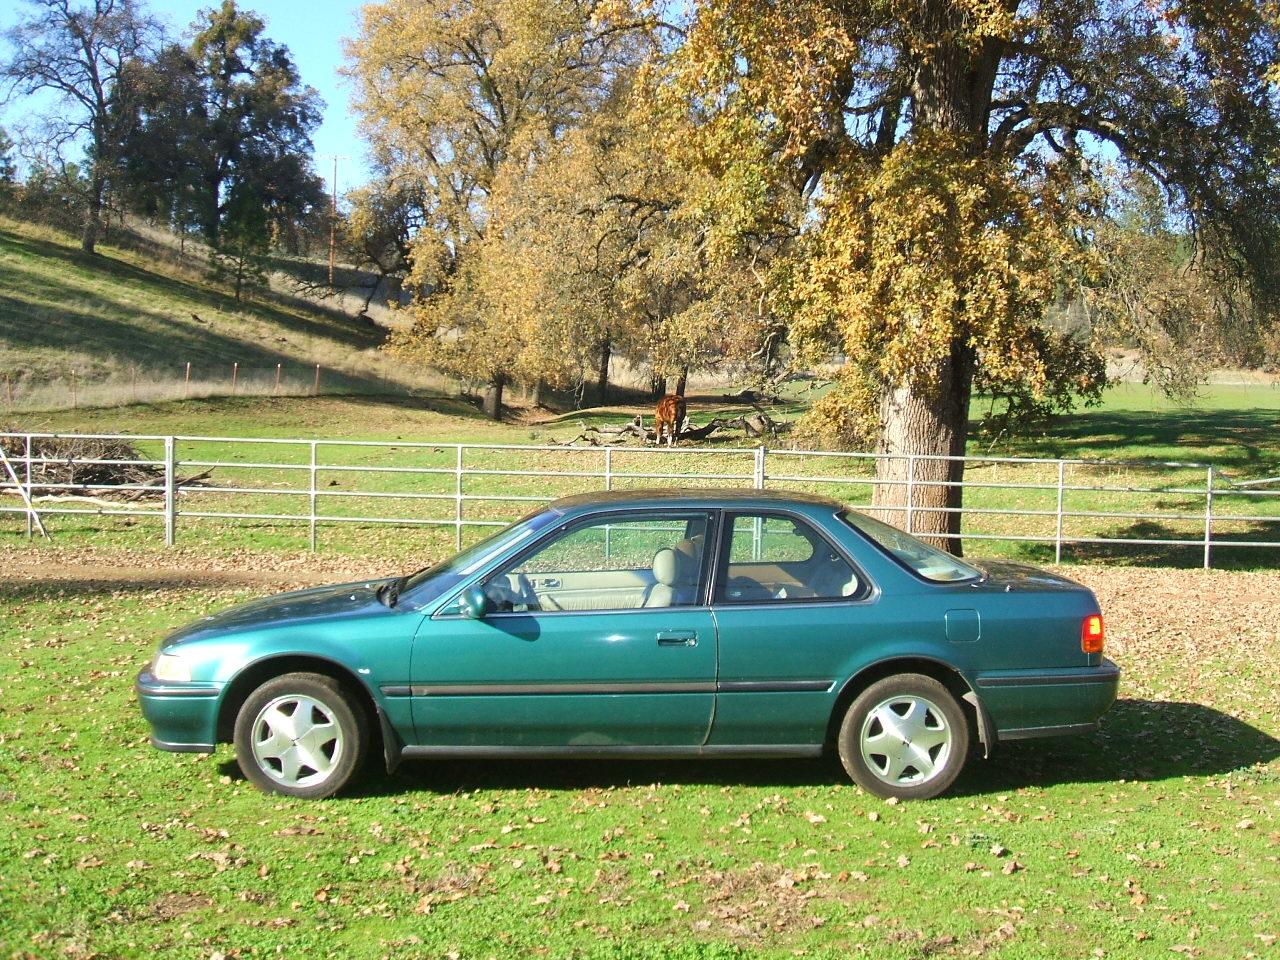 Accord Coupe 1987,Honda Accord Coupe2013,HondaAccord Coupe(第19页